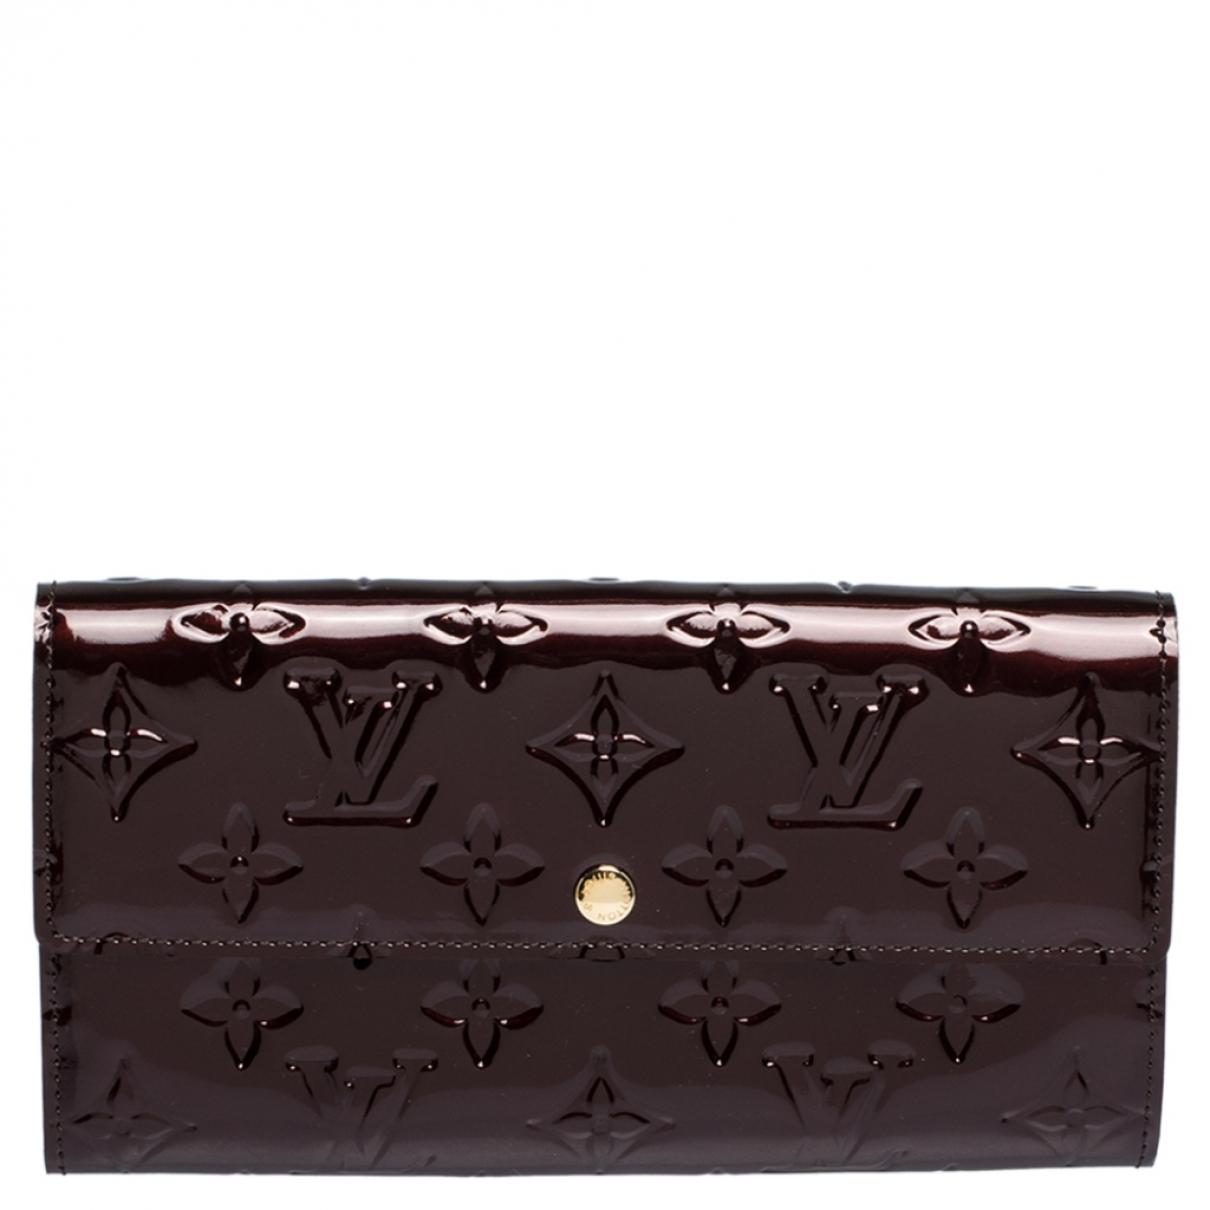 Louis Vuitton - Portefeuille Sarah pour femme en cuir verni